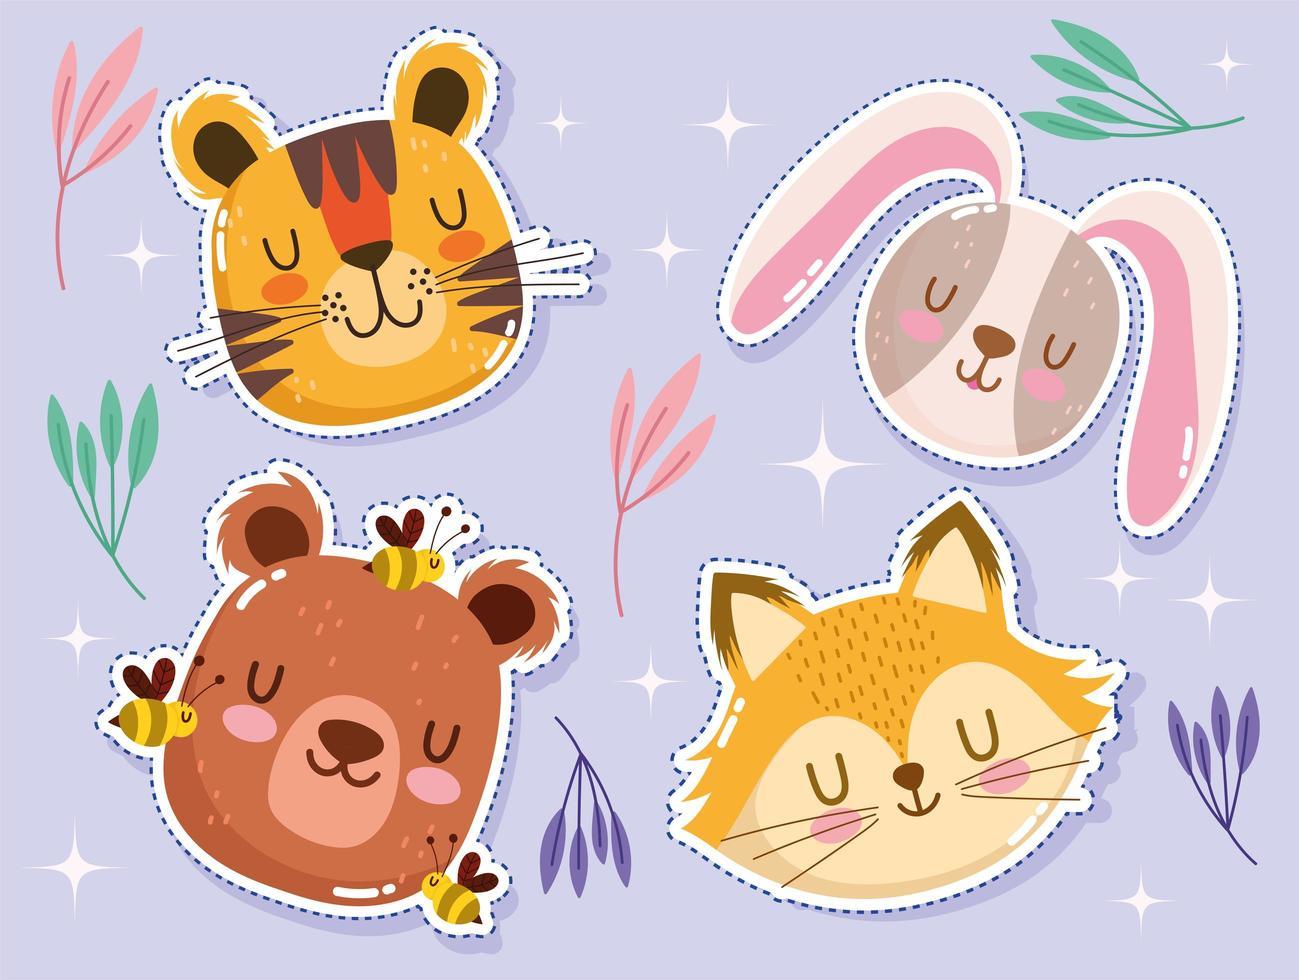 adorável tigre, coelho, raposa, urso e abelhas vetor